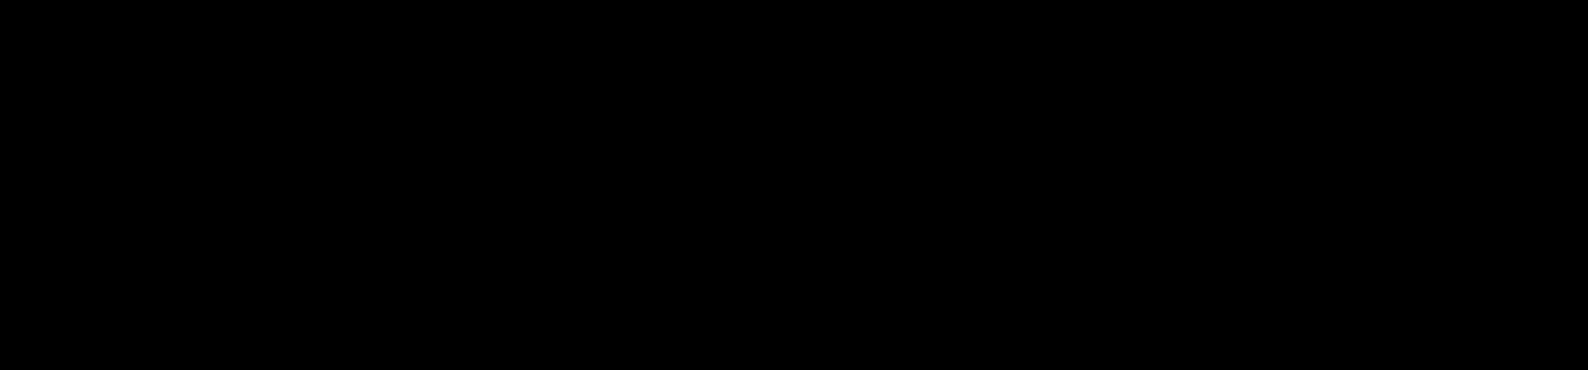 MSI AMD Turbo USB logo